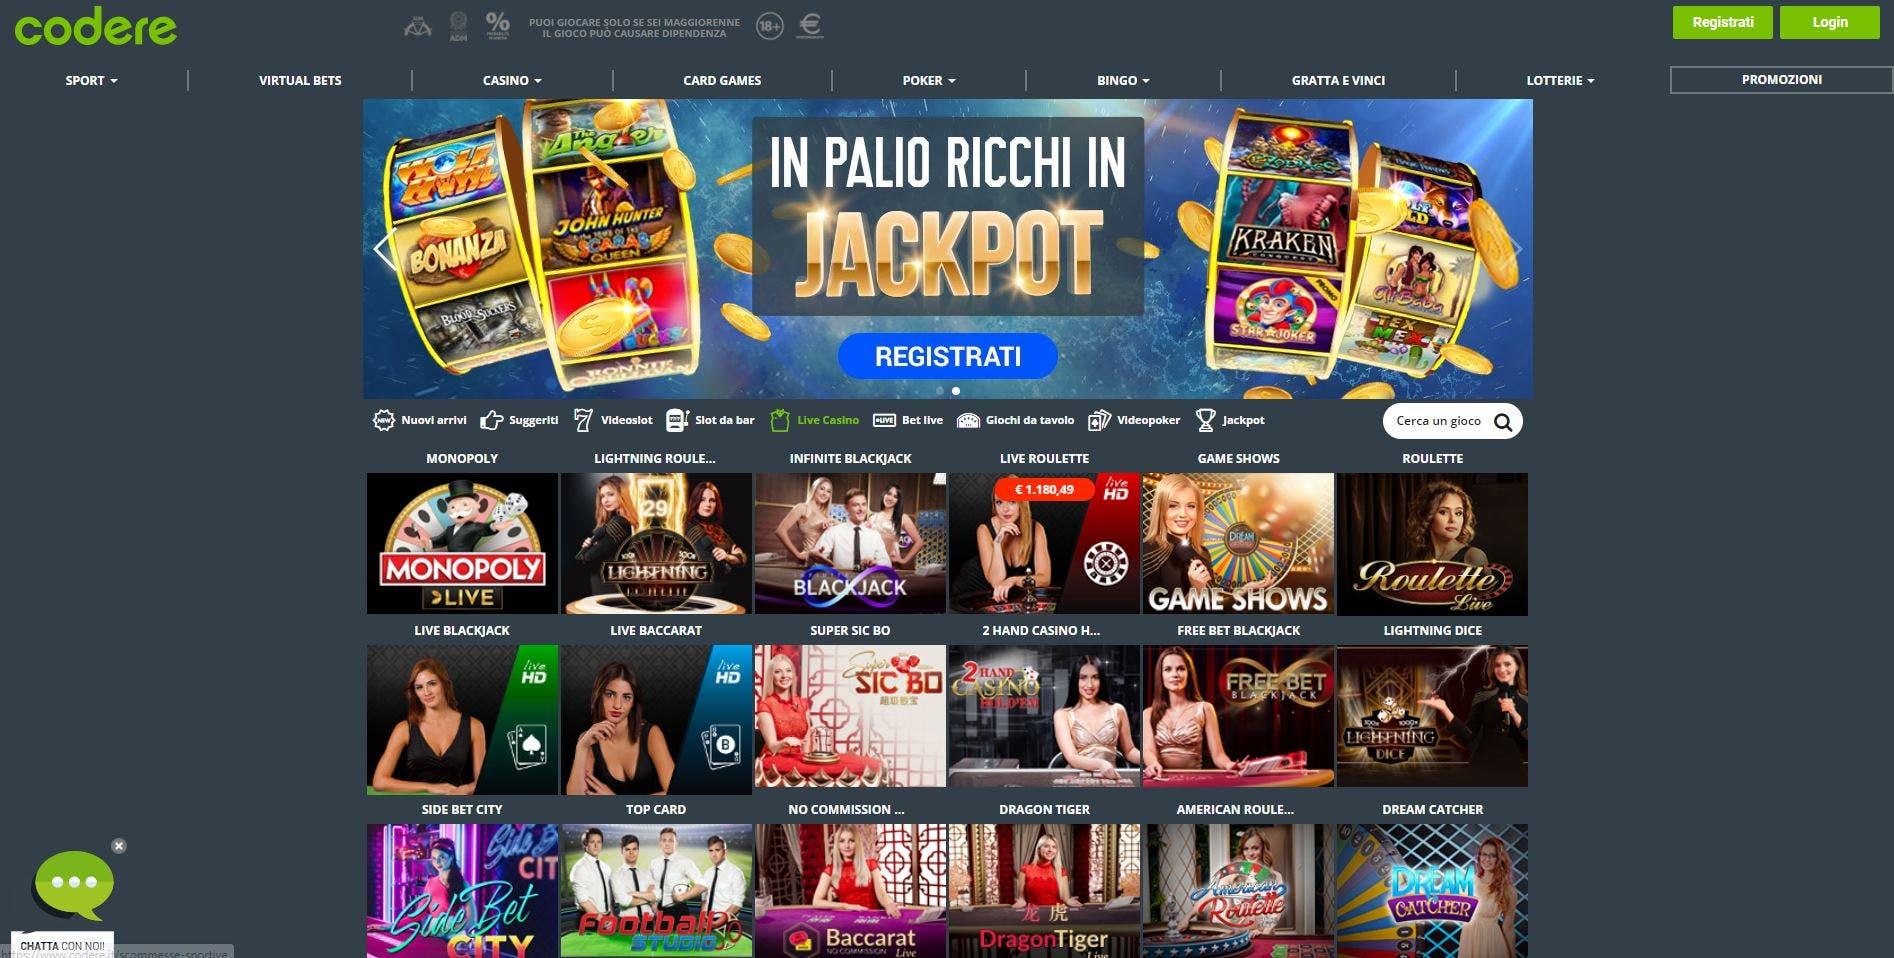 L'innovativo casino di Codere offre numerosi tavoli verdi virtuali in tempo reale